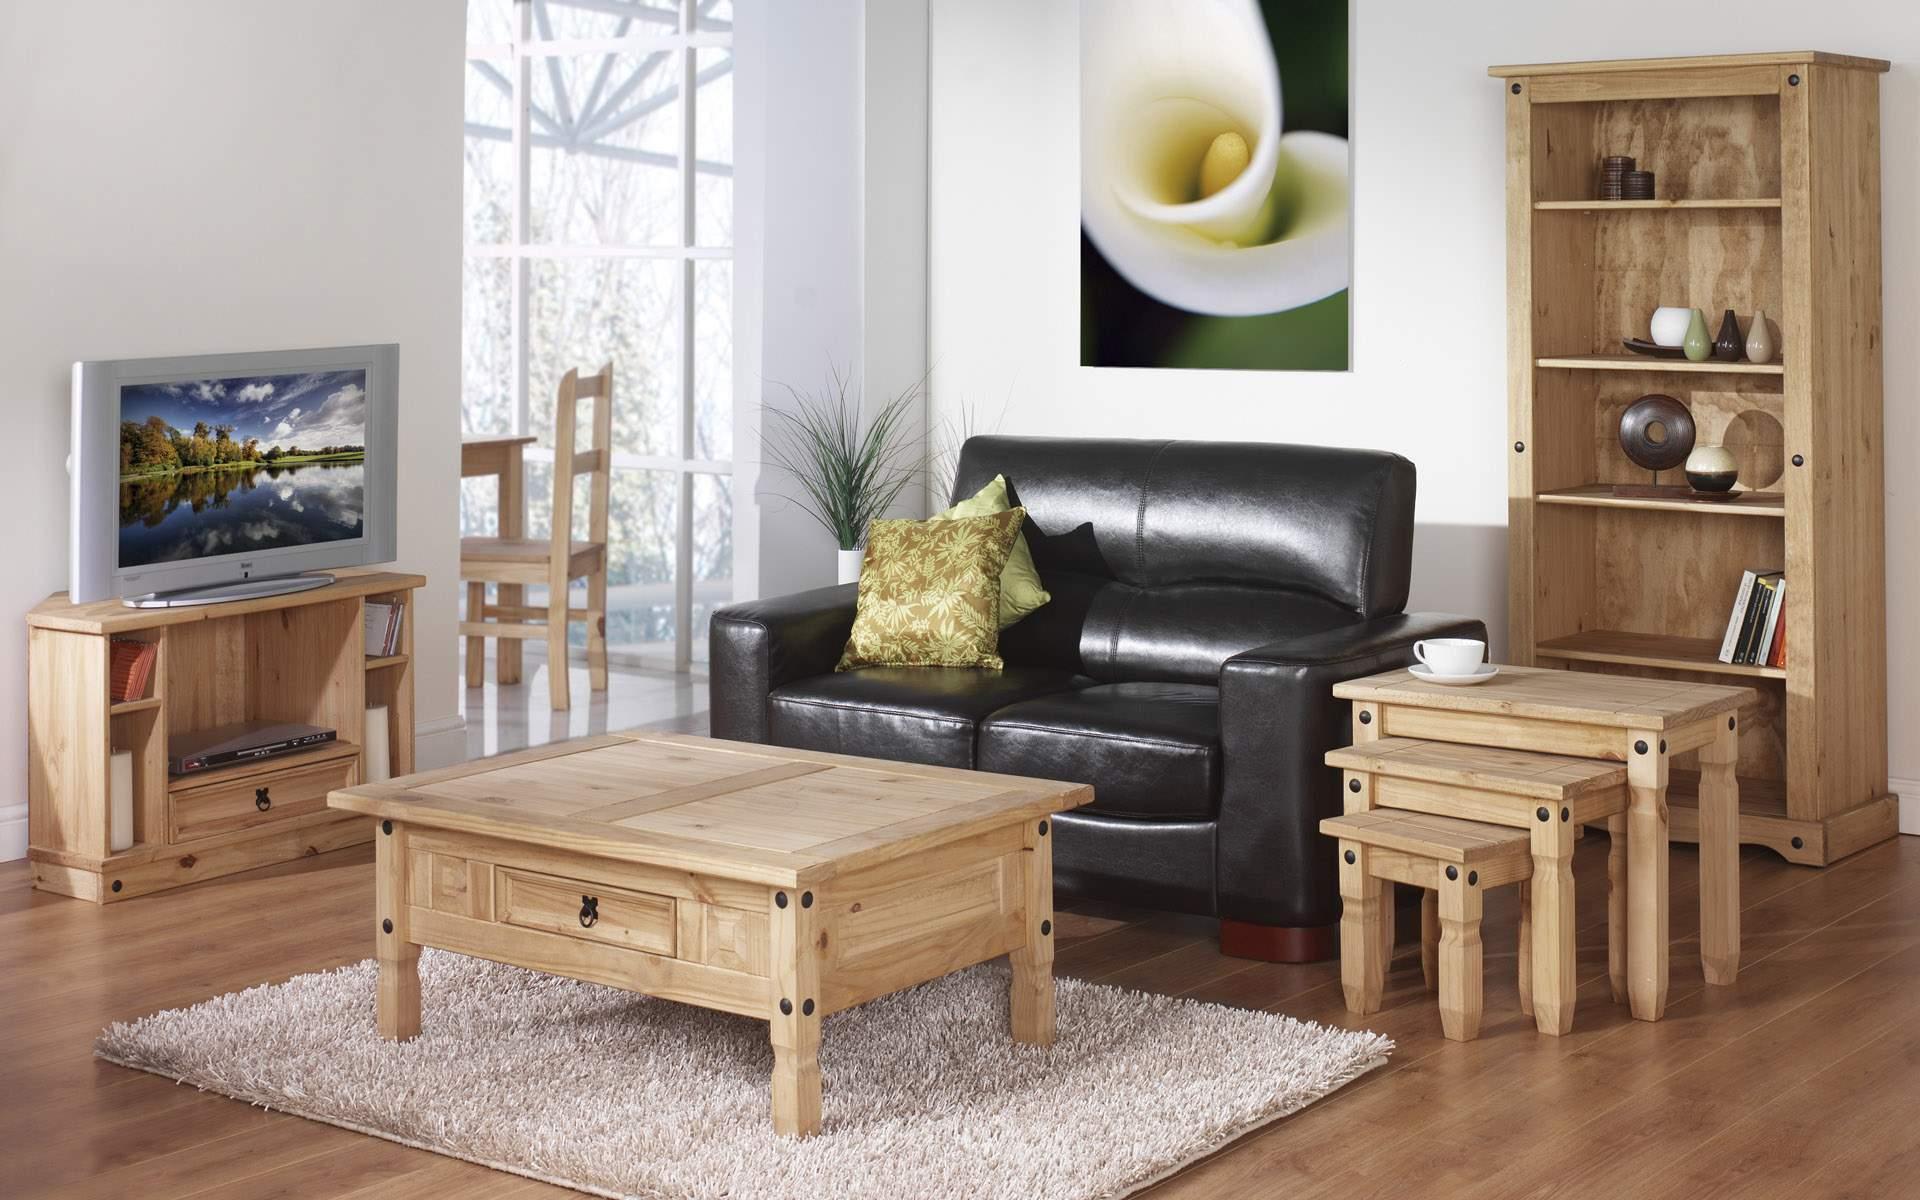 Tu cu ce iti mobilezi casa? Gaseste aici sugestiile noastre pentru mobilierul pe care ti-l doresti